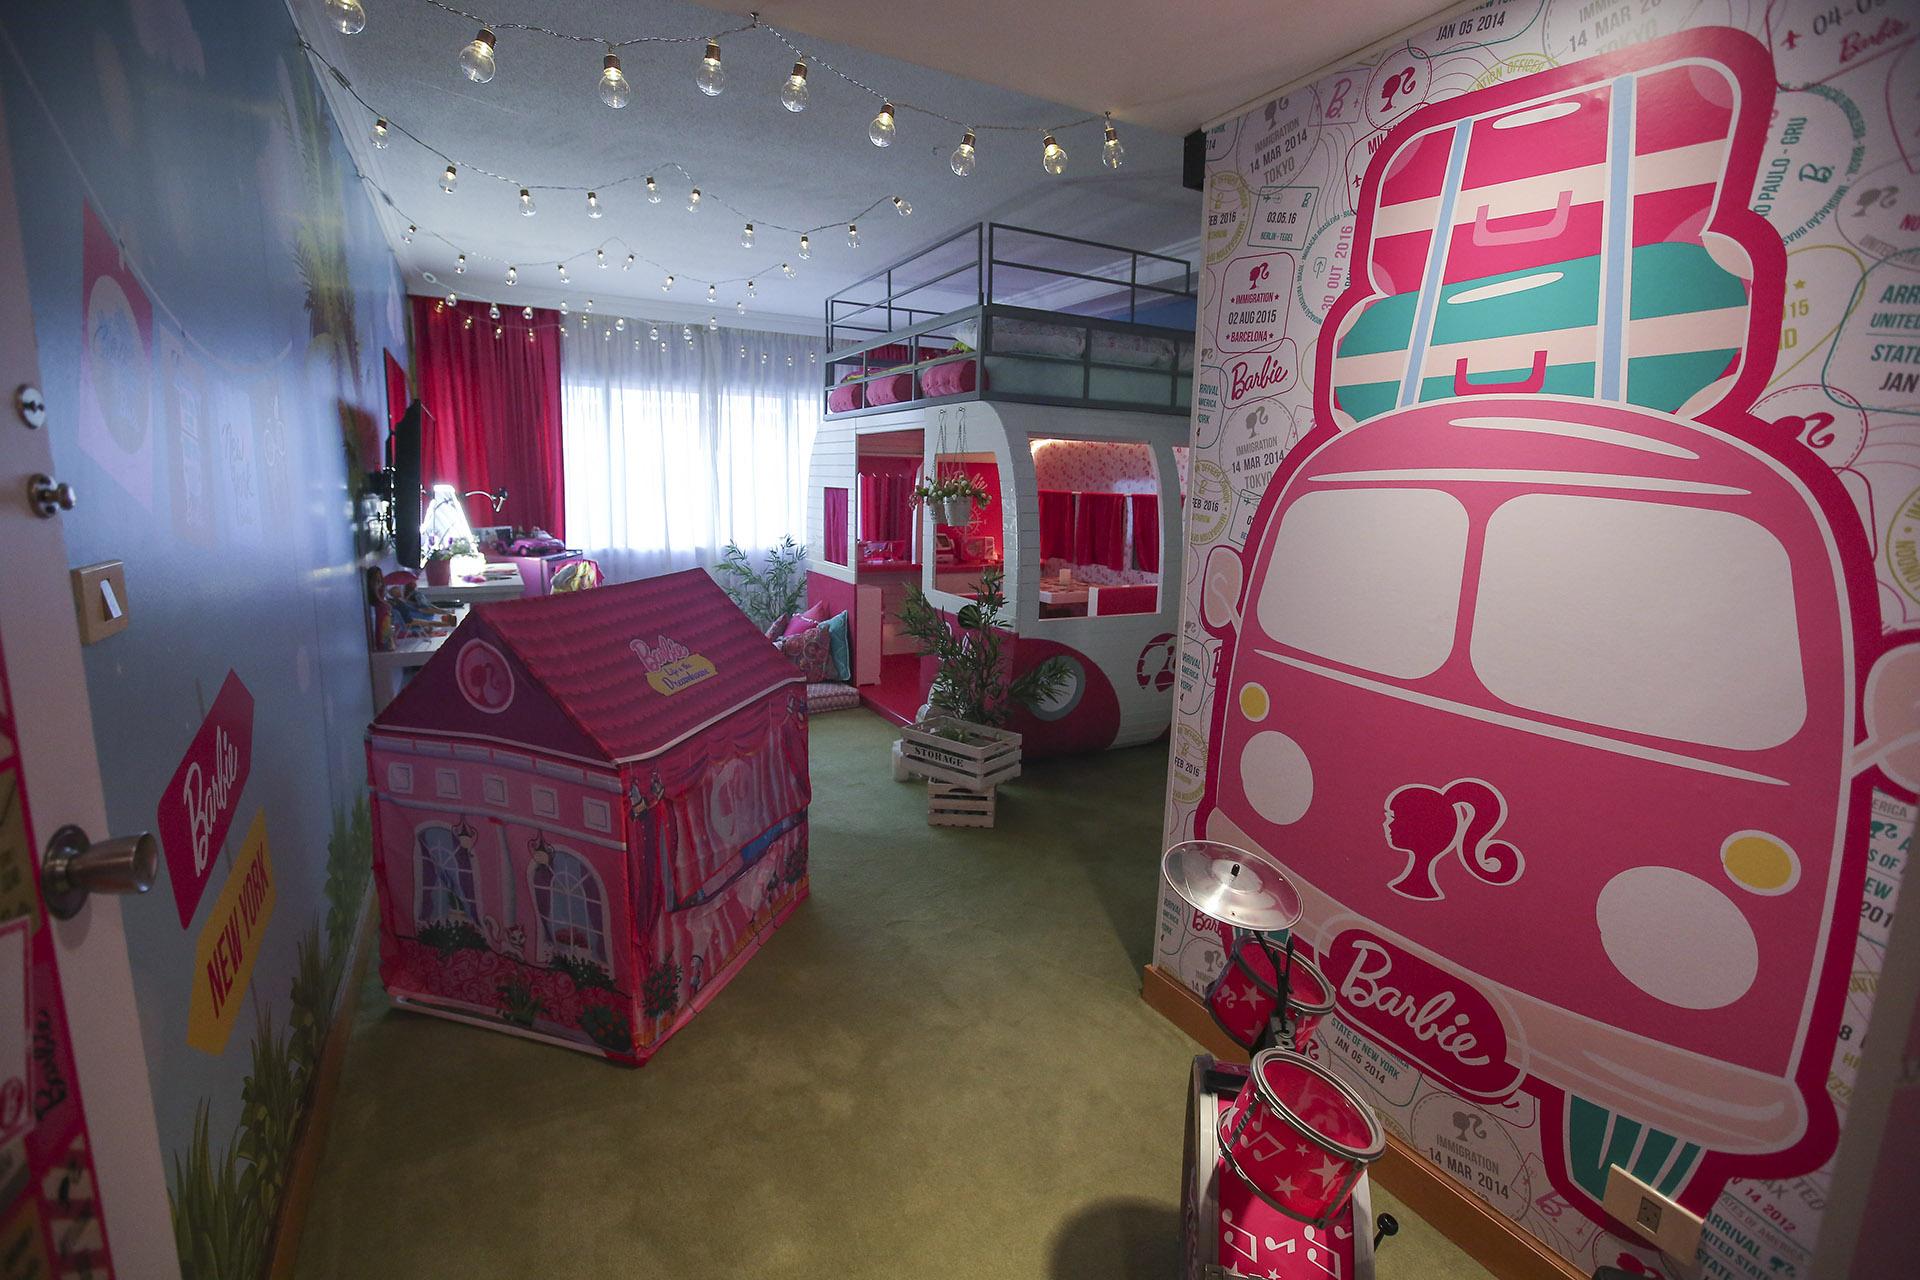 La habitación con una propuesta completa que reúne diversión y glamour.